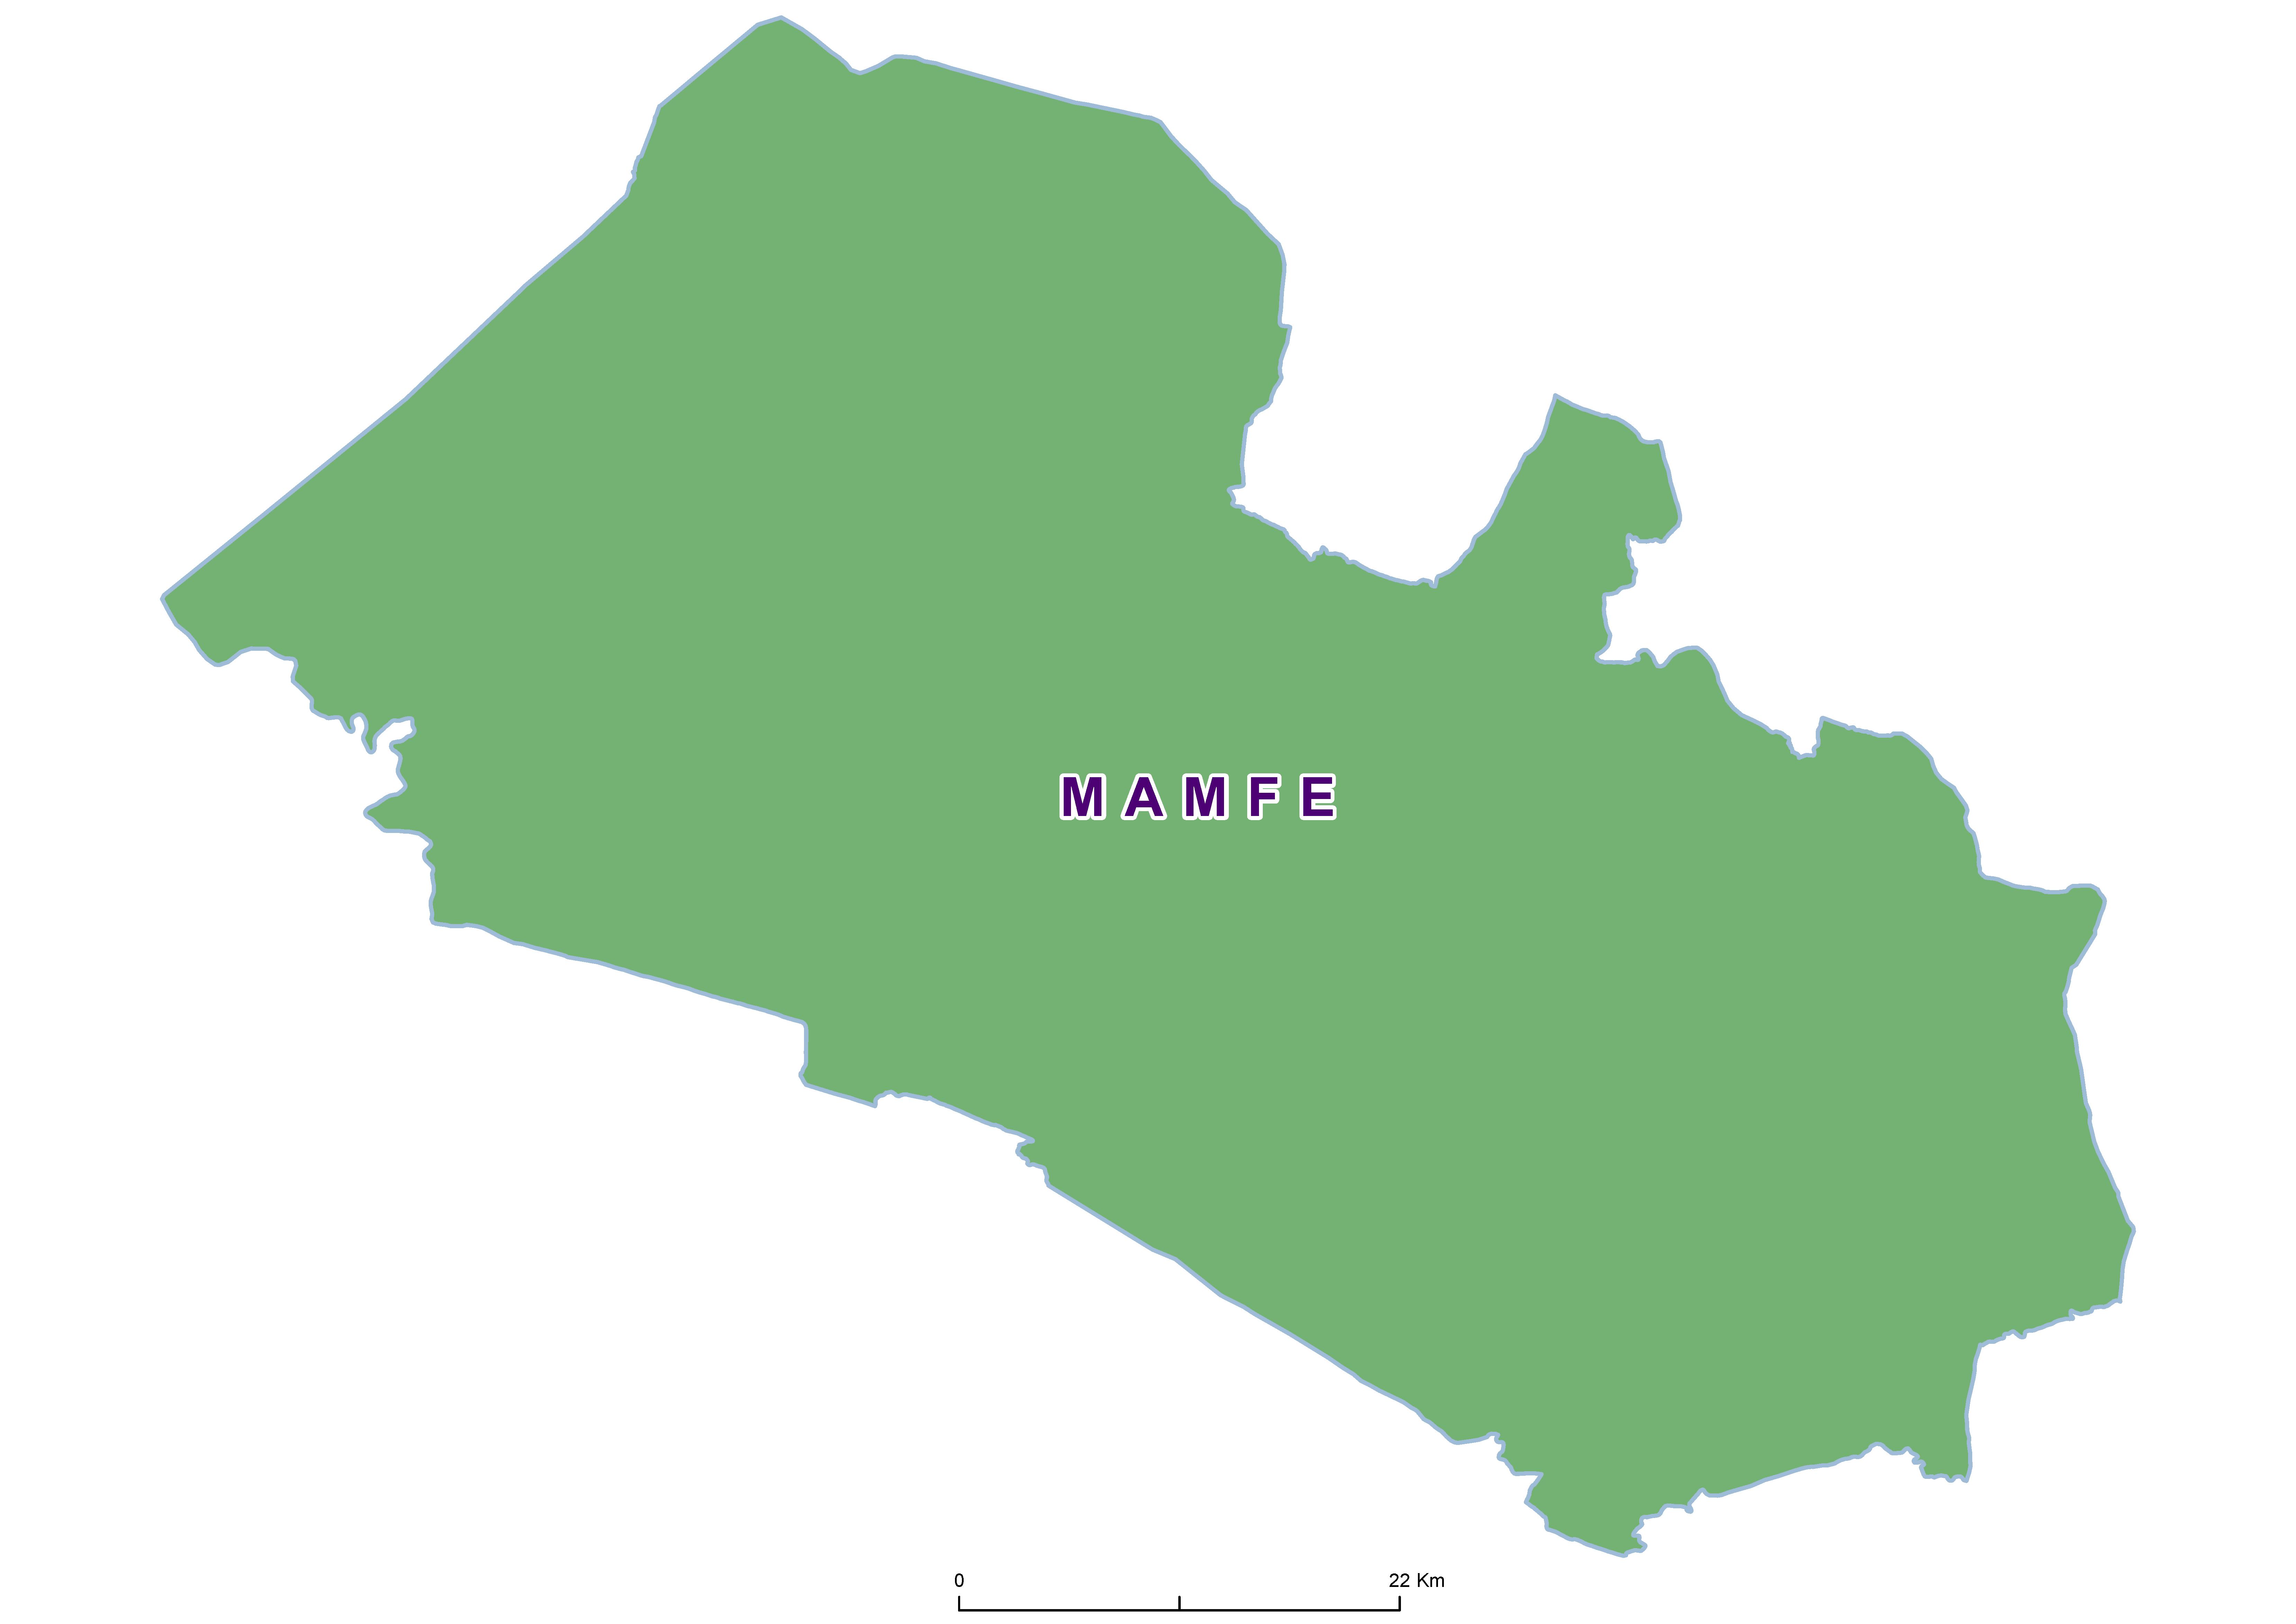 Mamfe Mean SCH 20100001